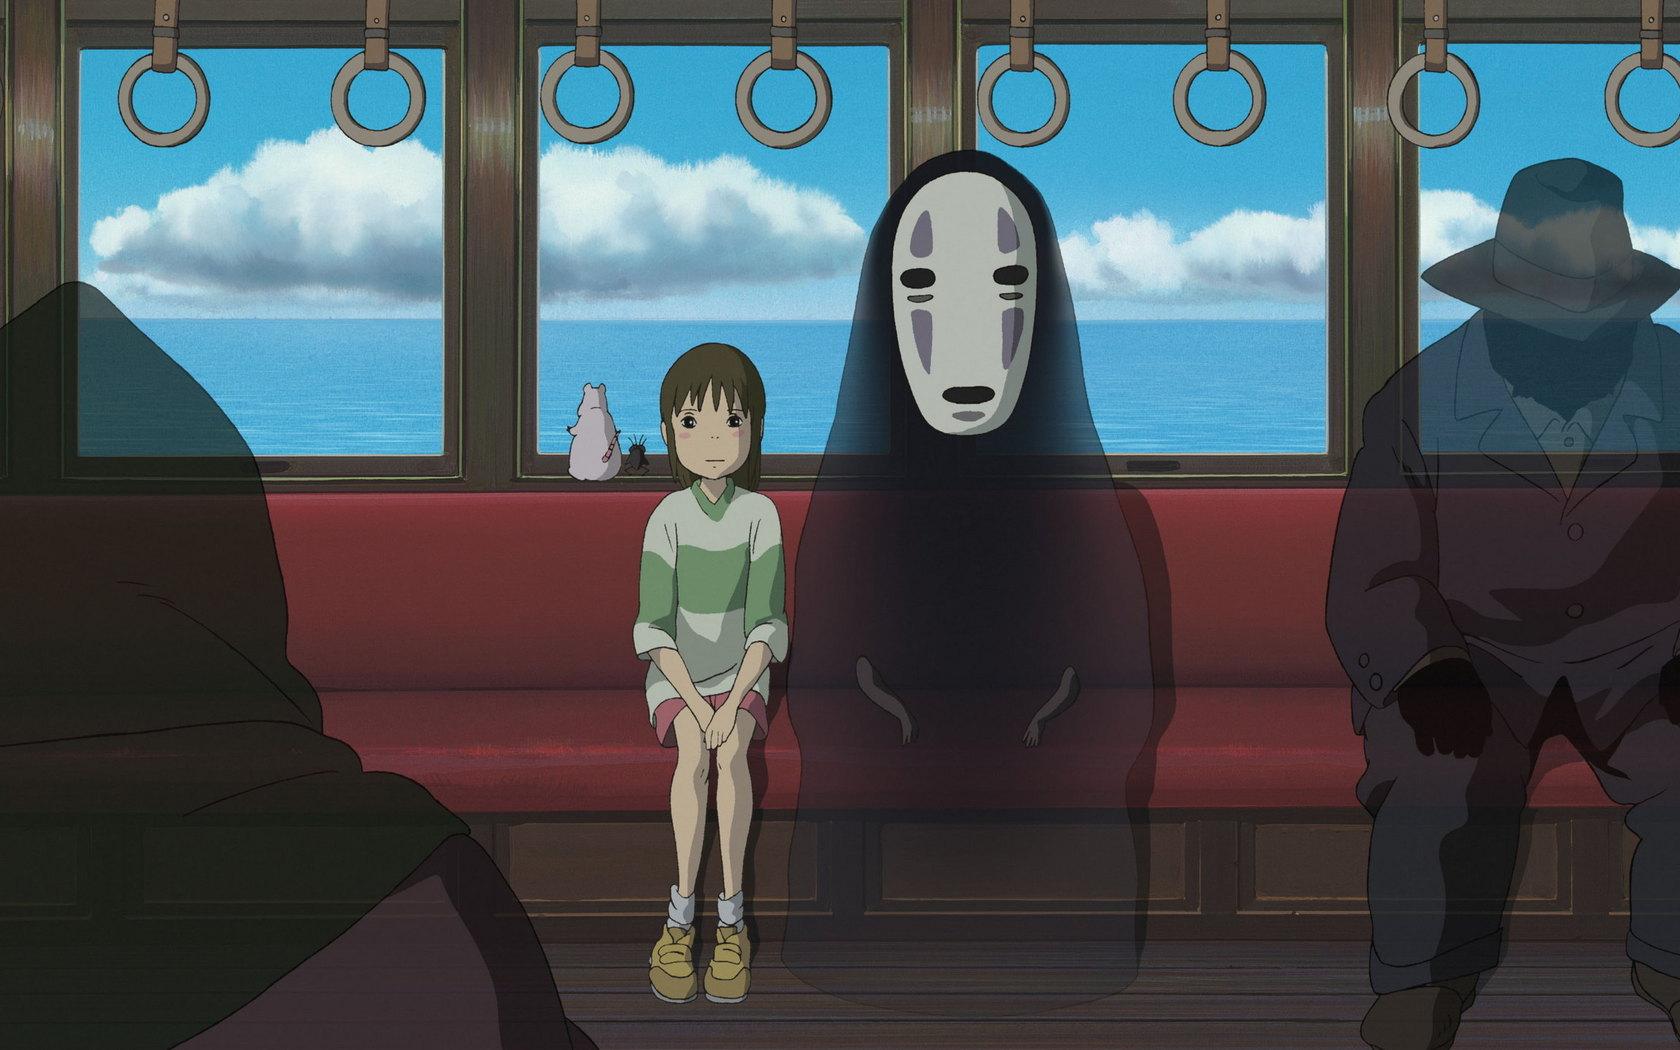 Хаяо Миядзаки, мультфильмы, Унесенные призраками